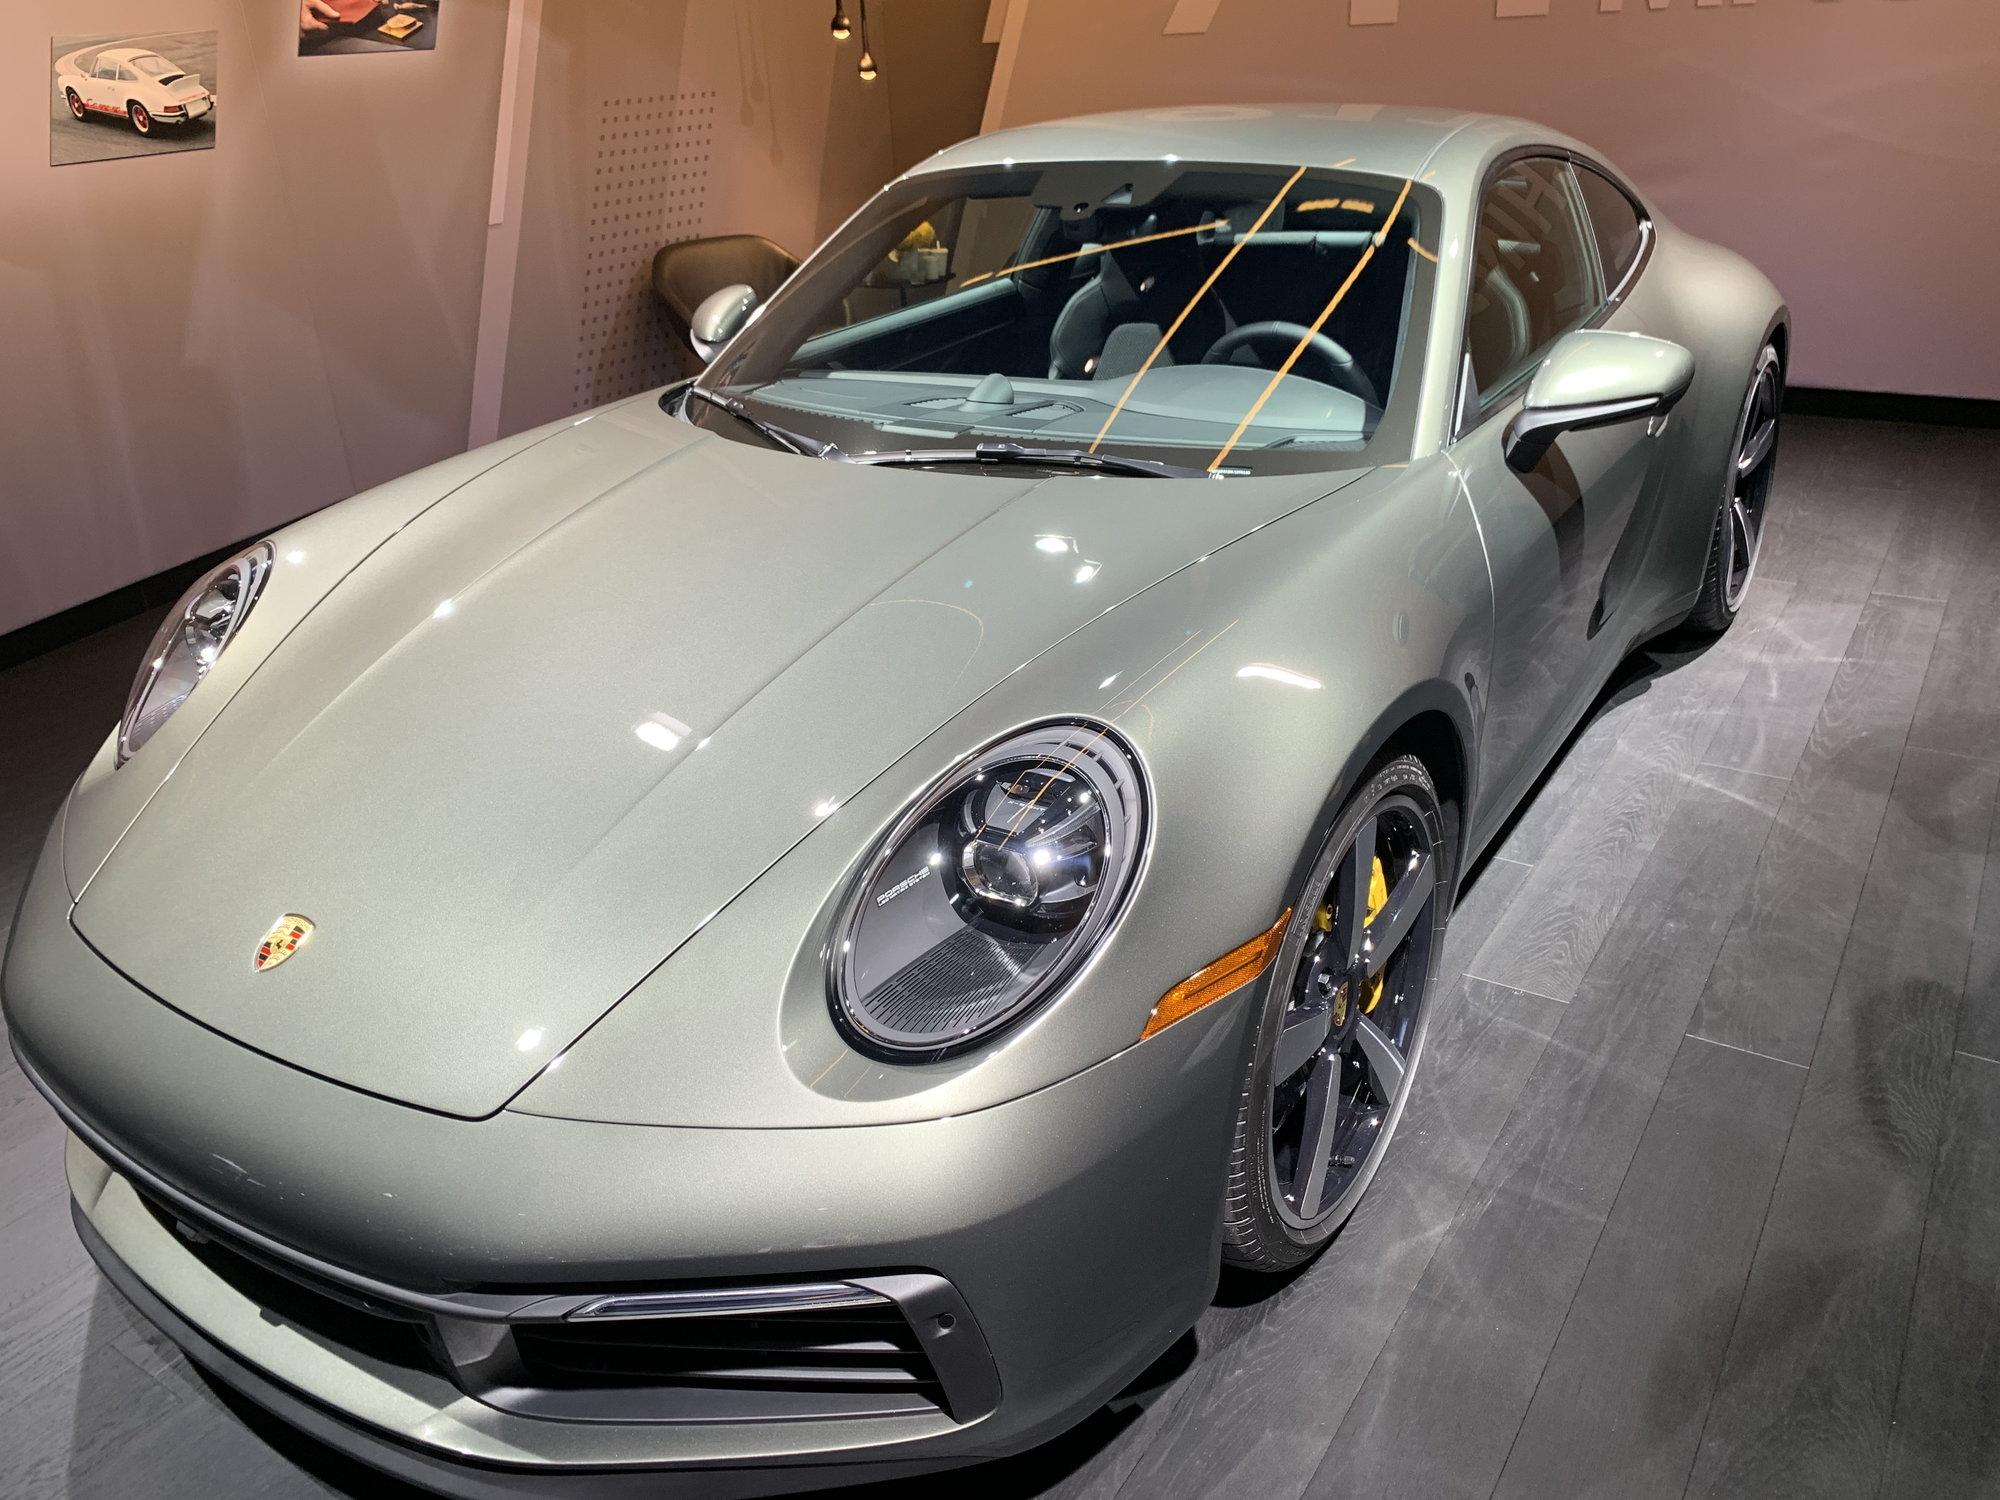 Aventurine Green Metallic At La Auto Show Rennlist Porsche